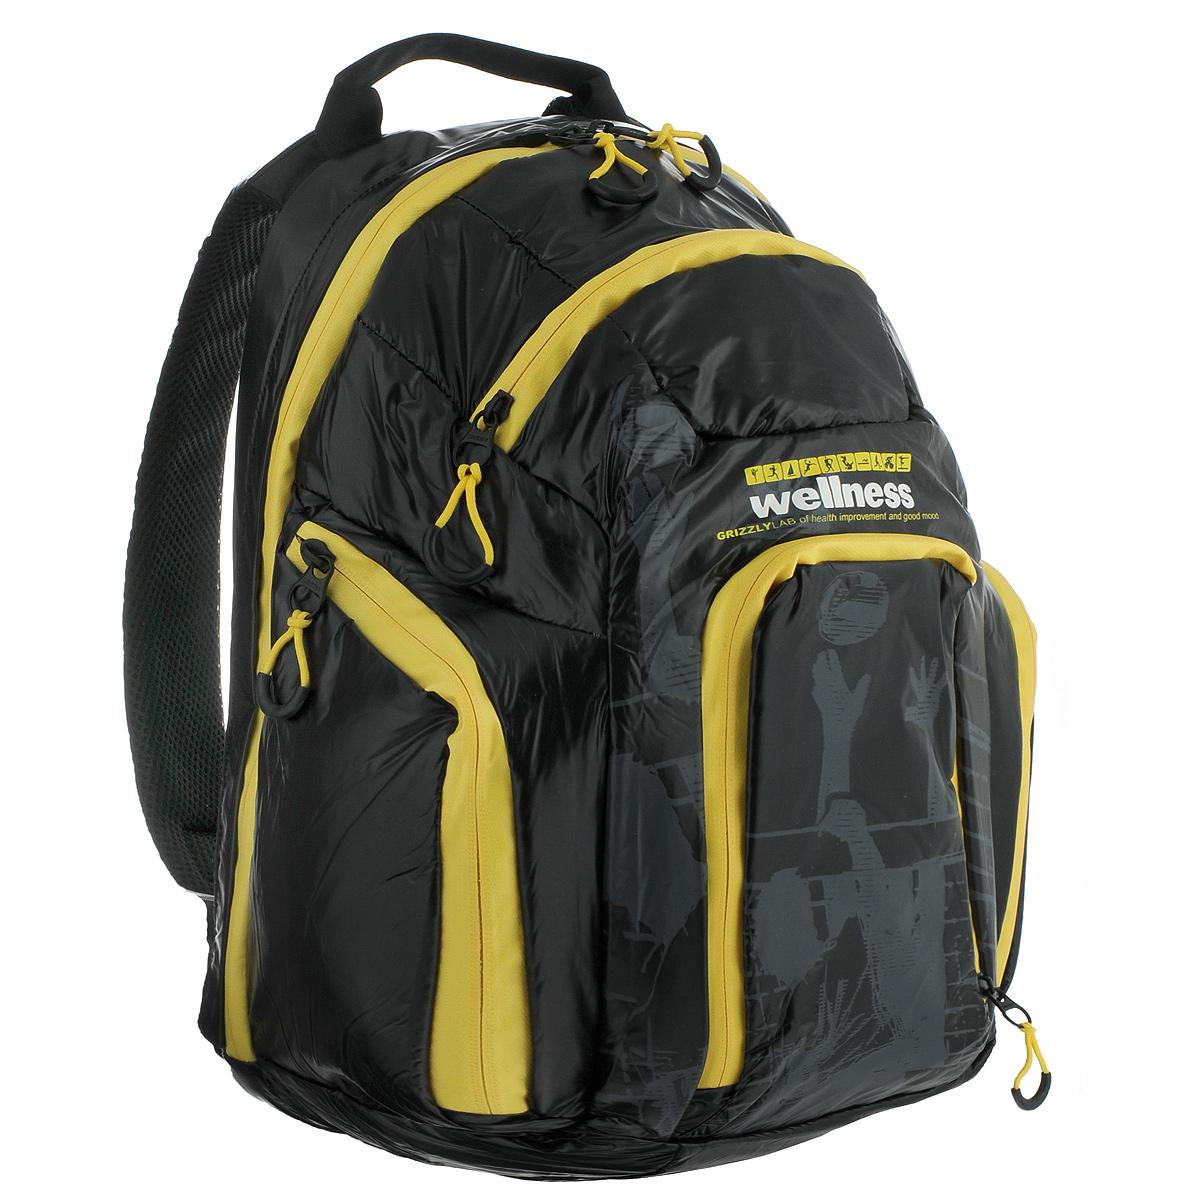 Рюкзак городской Grizzly, цвет: черный, желтый. RU-417-1RU-417-1 Рюкзак /4 черный - желтыйСтильный молодежный рюкзак Grizzly выполнен из нейлона черного цвета и оформлен оригинальным принтом. Рюкзак оснащен одним большим отделением, закрывающимся на застежку-молнию. На передней стенке расположено 2 кармана, закрывающихся на застежки-молнии. По бокам 2 объемных кармана с застежками-молниями. Внутри расположен карман. Рюкзак оснащен лямками, мягкой спинкой и текстильной ручкой для удобной переноски.